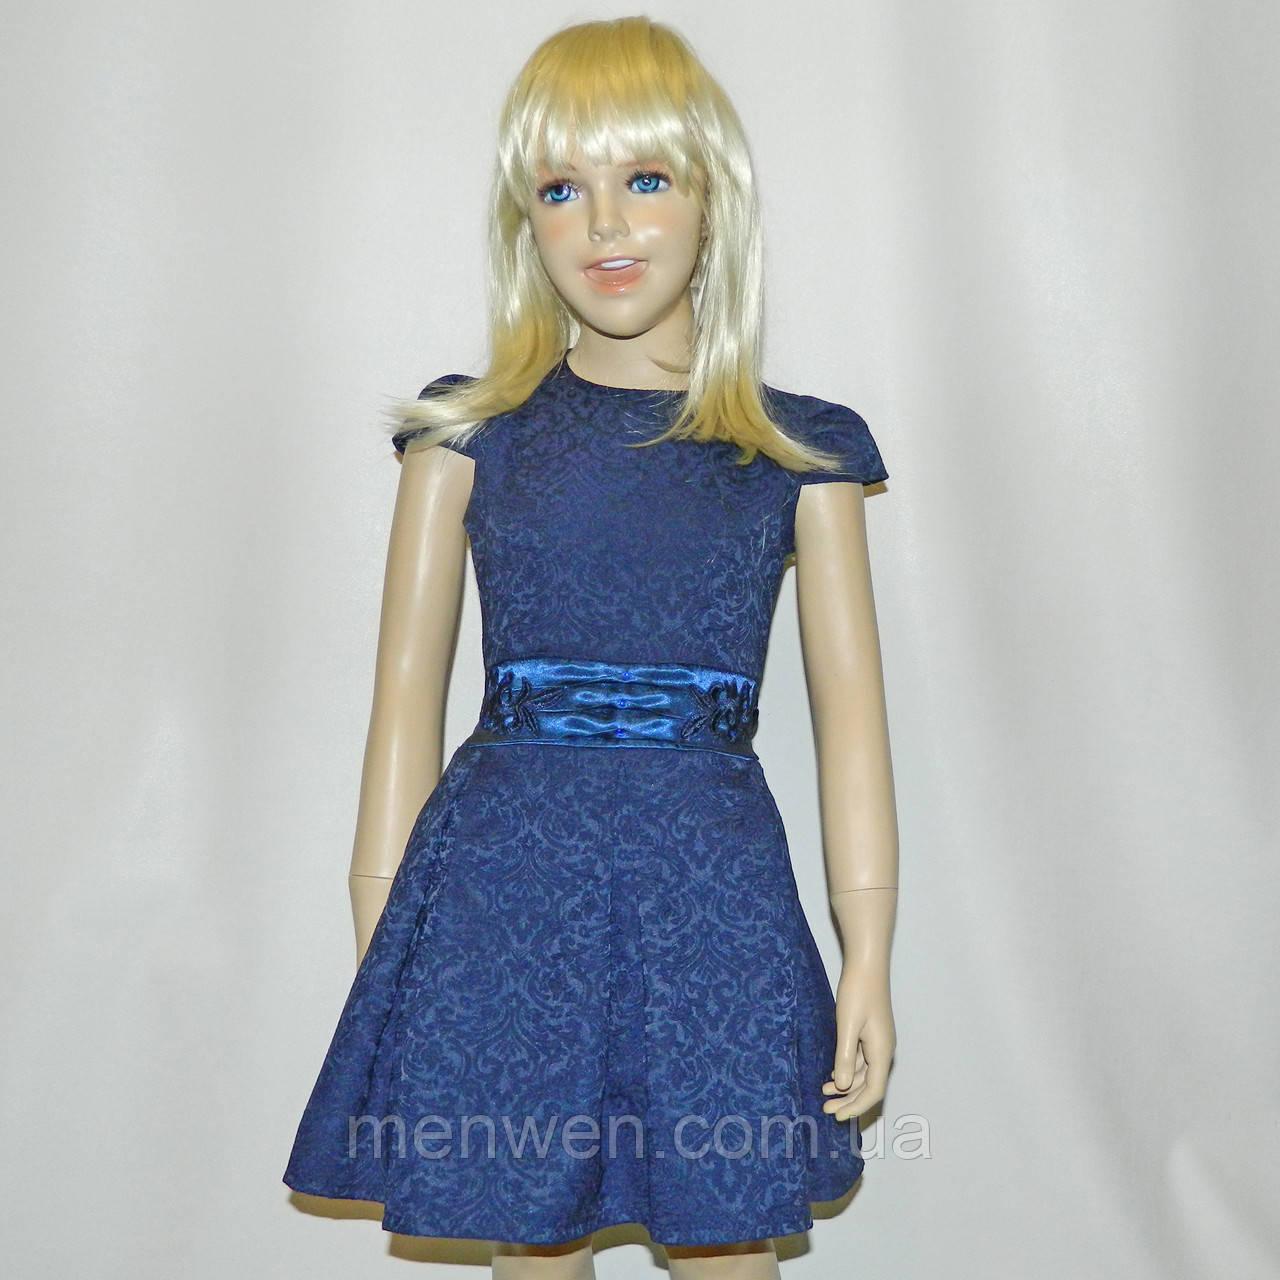 2f0ecd3547d Нарядное школьное платье - MenWen - Одежда для детей и всей семьи в Харькове